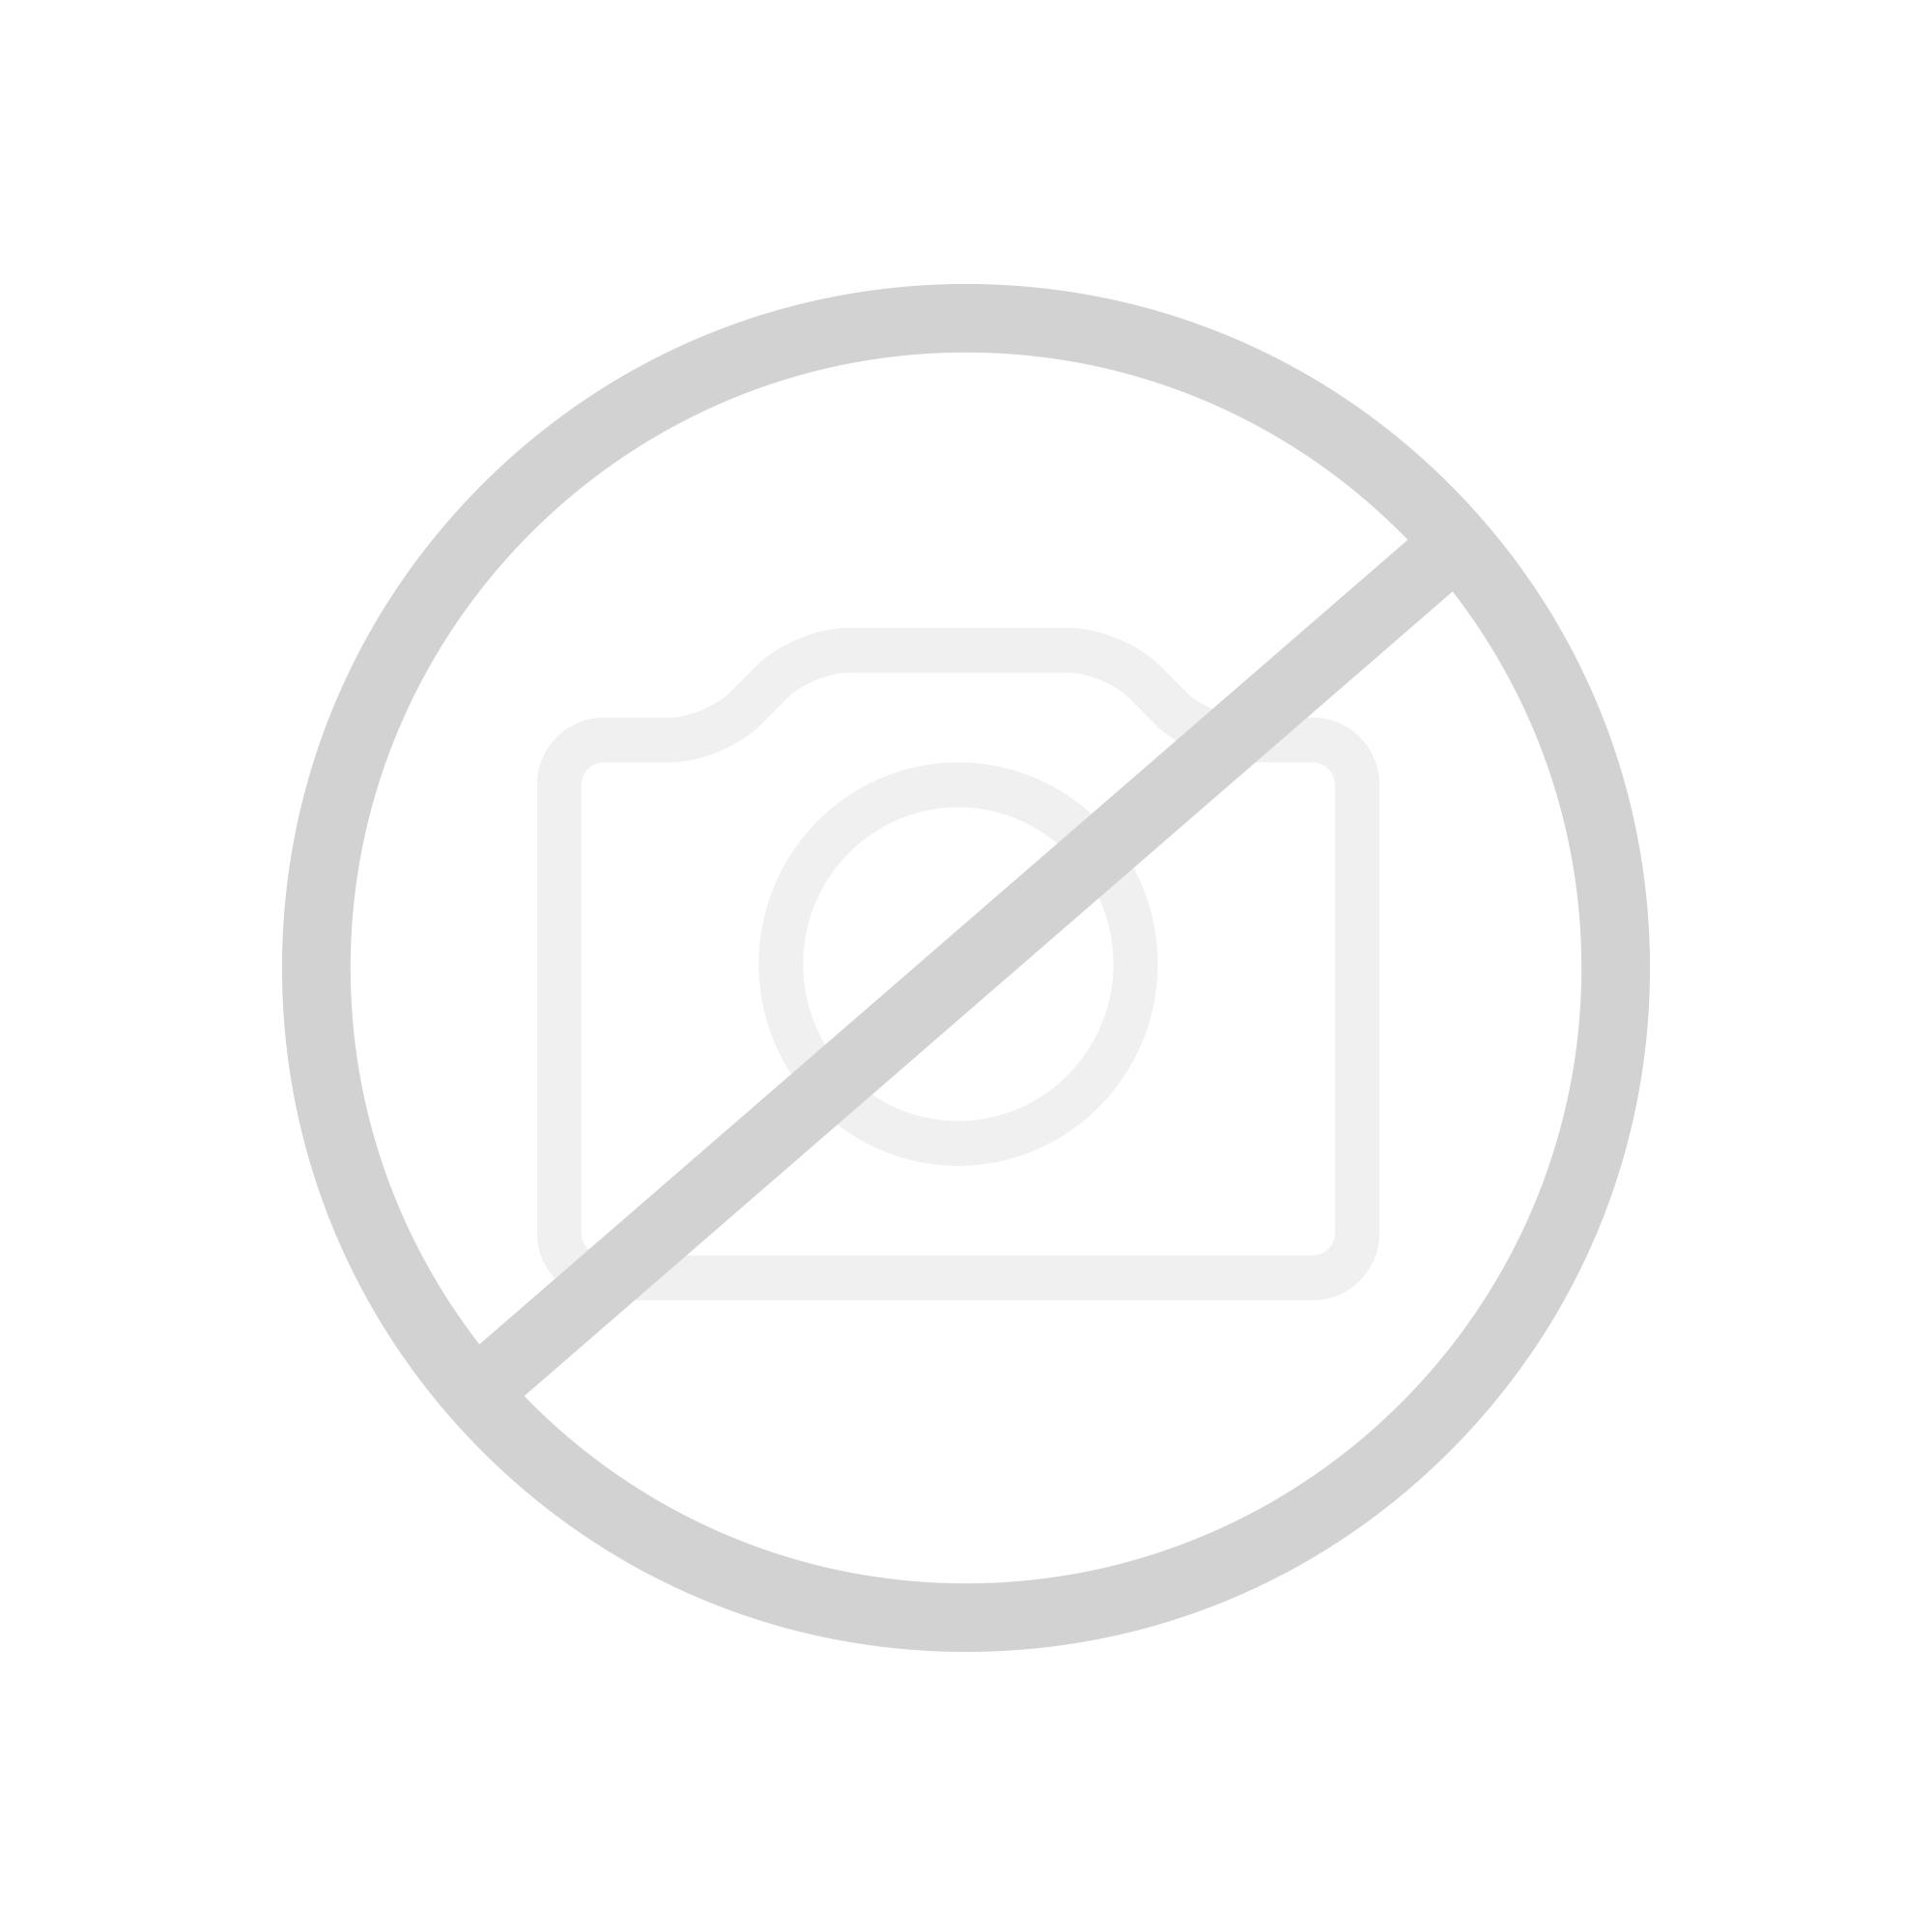 keramag xeno waschtisch mit ablagefl che wei mit 1 hahnloch ohne berlauf 127190000. Black Bedroom Furniture Sets. Home Design Ideas